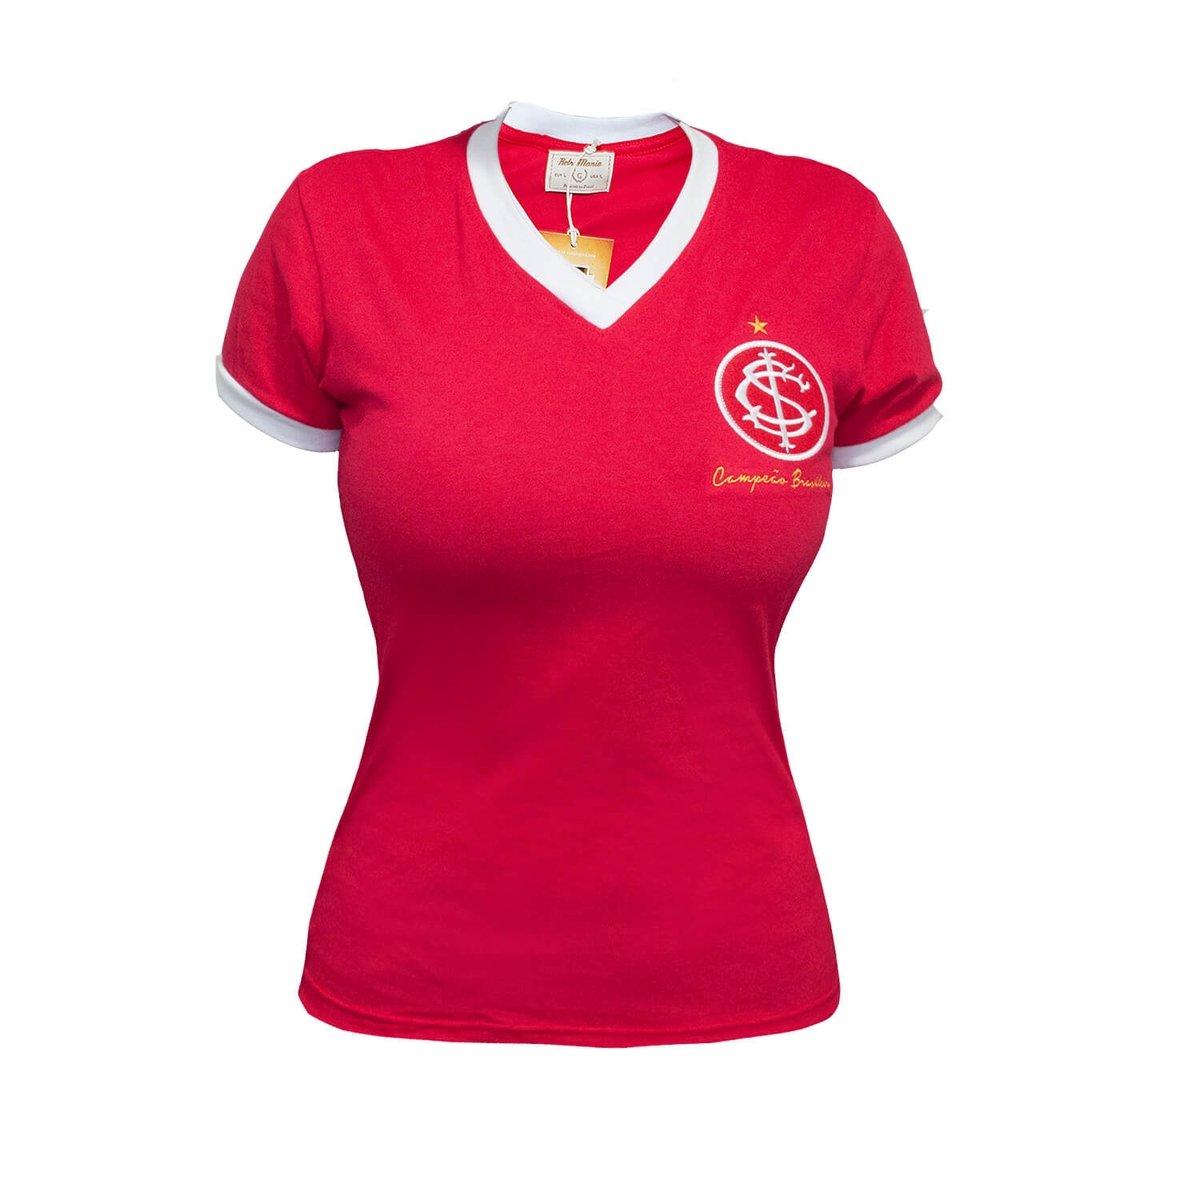 ... Vermelho Retrô Camisa Retrô Camisa Internacional 1975 Mania Feminina  g00qEwZ6a e7e87ab562648